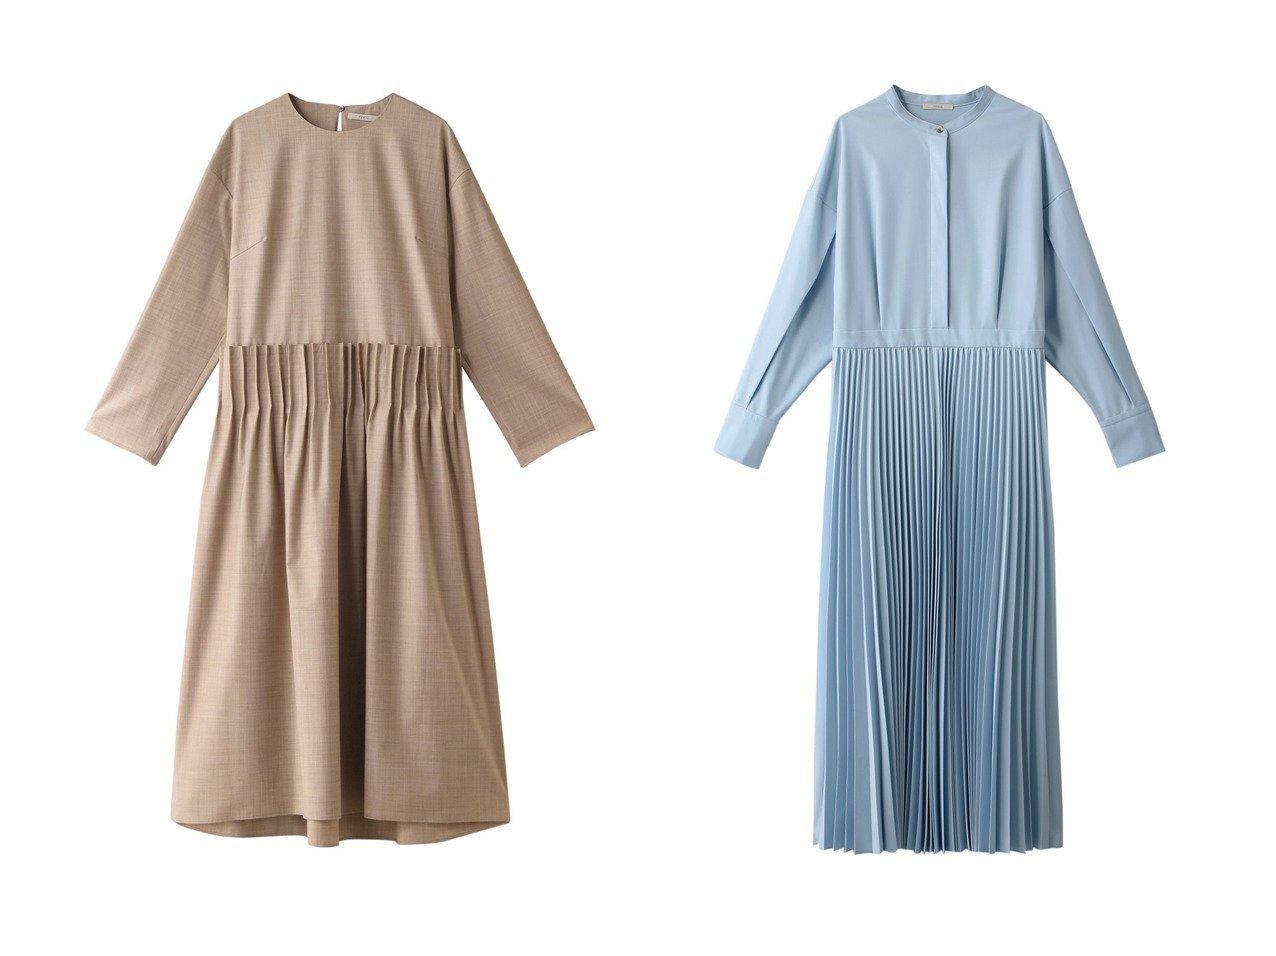 【LE PHIL/ル フィル】のドライコンフォートワンピース&ドライウールワンピース ワンピース・ドレスのおすすめ!人気、レディースファッションの通販  おすすめで人気のファッション通販商品 インテリア・家具・キッズファッション・メンズファッション・レディースファッション・服の通販 founy(ファニー) https://founy.com/ ファッション Fashion レディース WOMEN ワンピース Dress パーティ ロング |ID:crp329100000000621